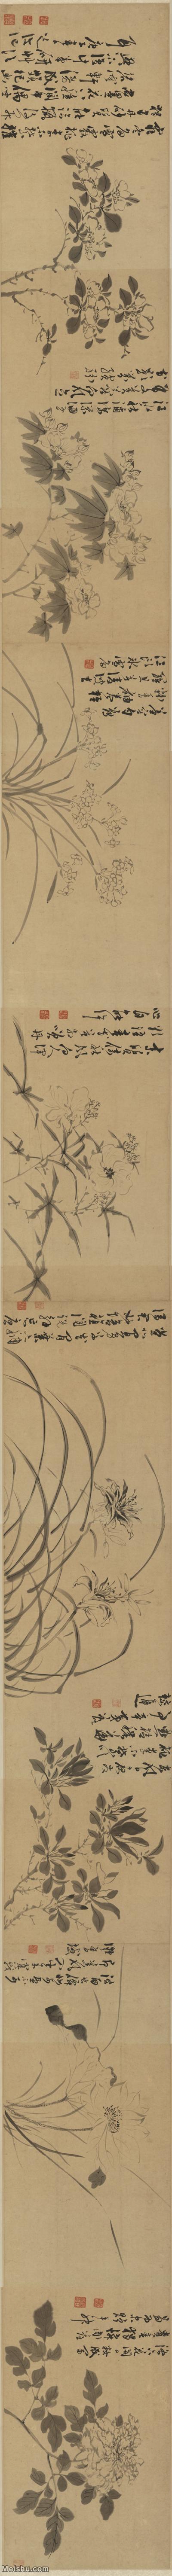 【超顶级】GH7272157古画花卉长卷图片-448M-48474X3233.jpg